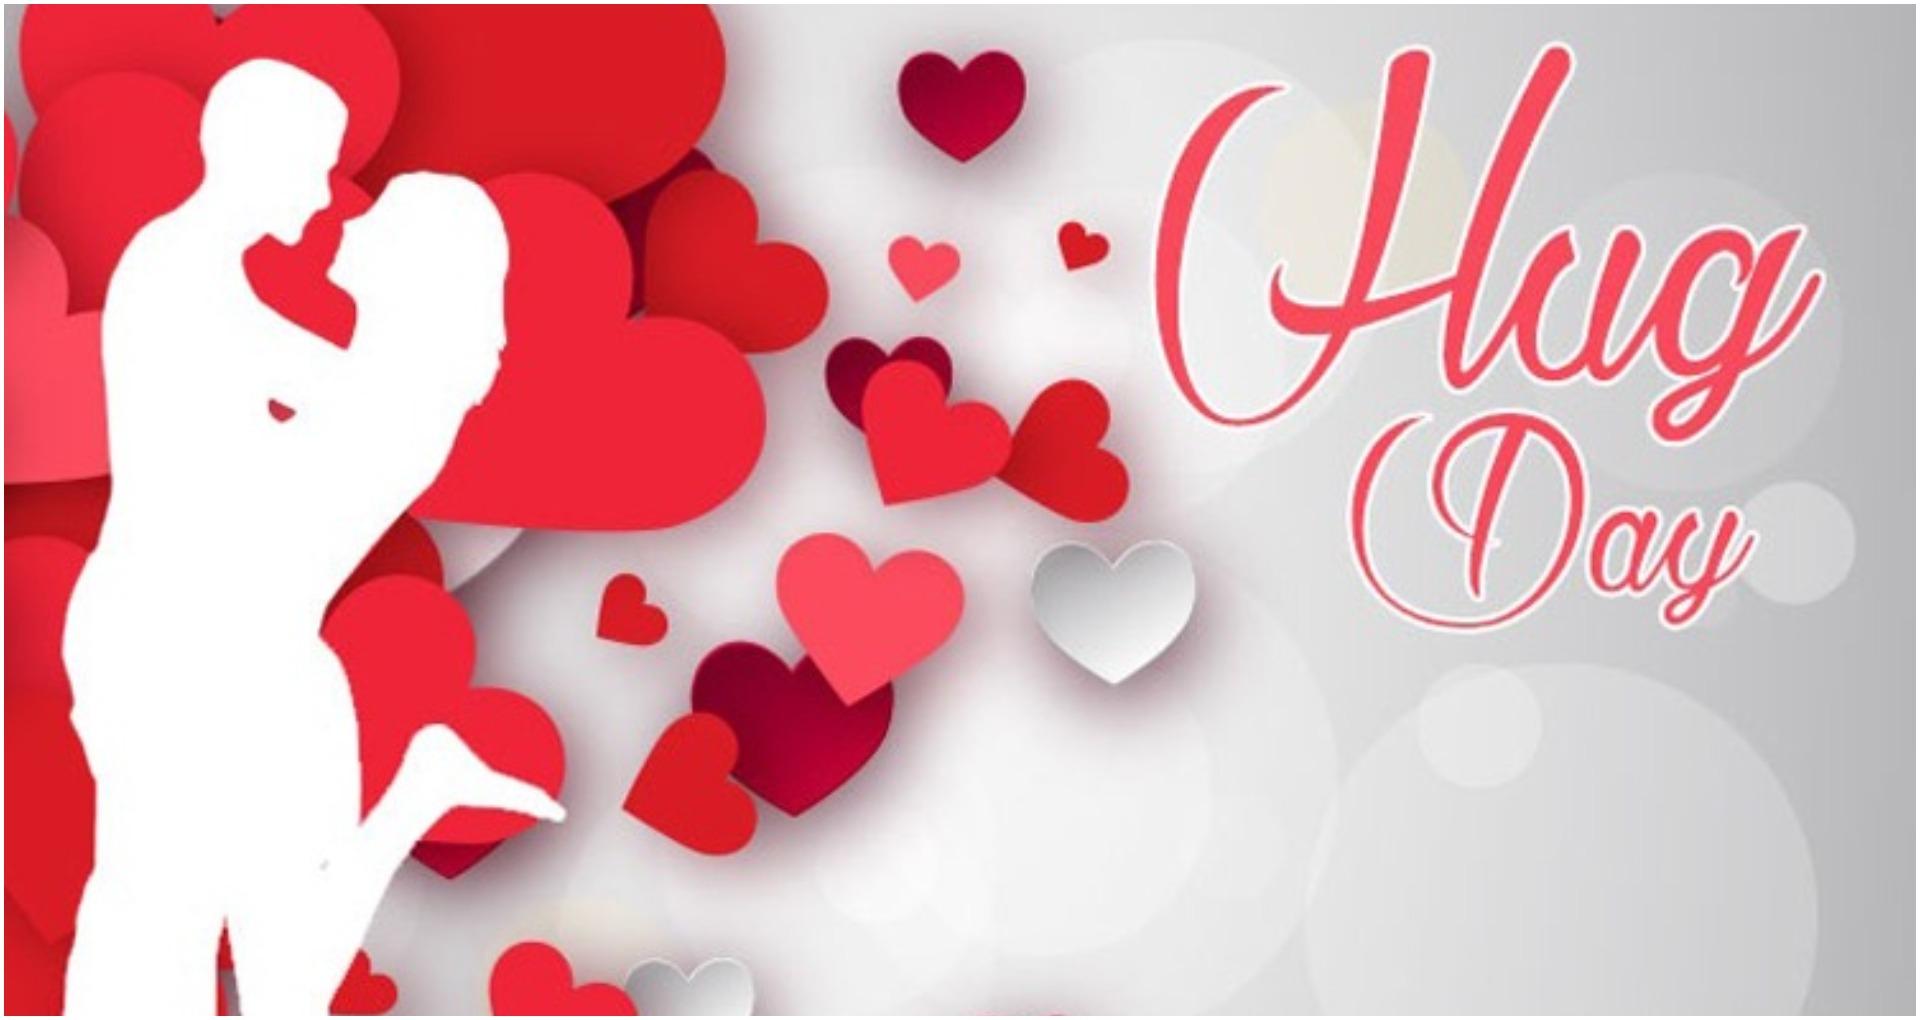 Hug Day 2020 Wishes: हग डे पर अपने पार्टनर को इन मैसेज और कोट्स से कहें अपनी दिल की बात